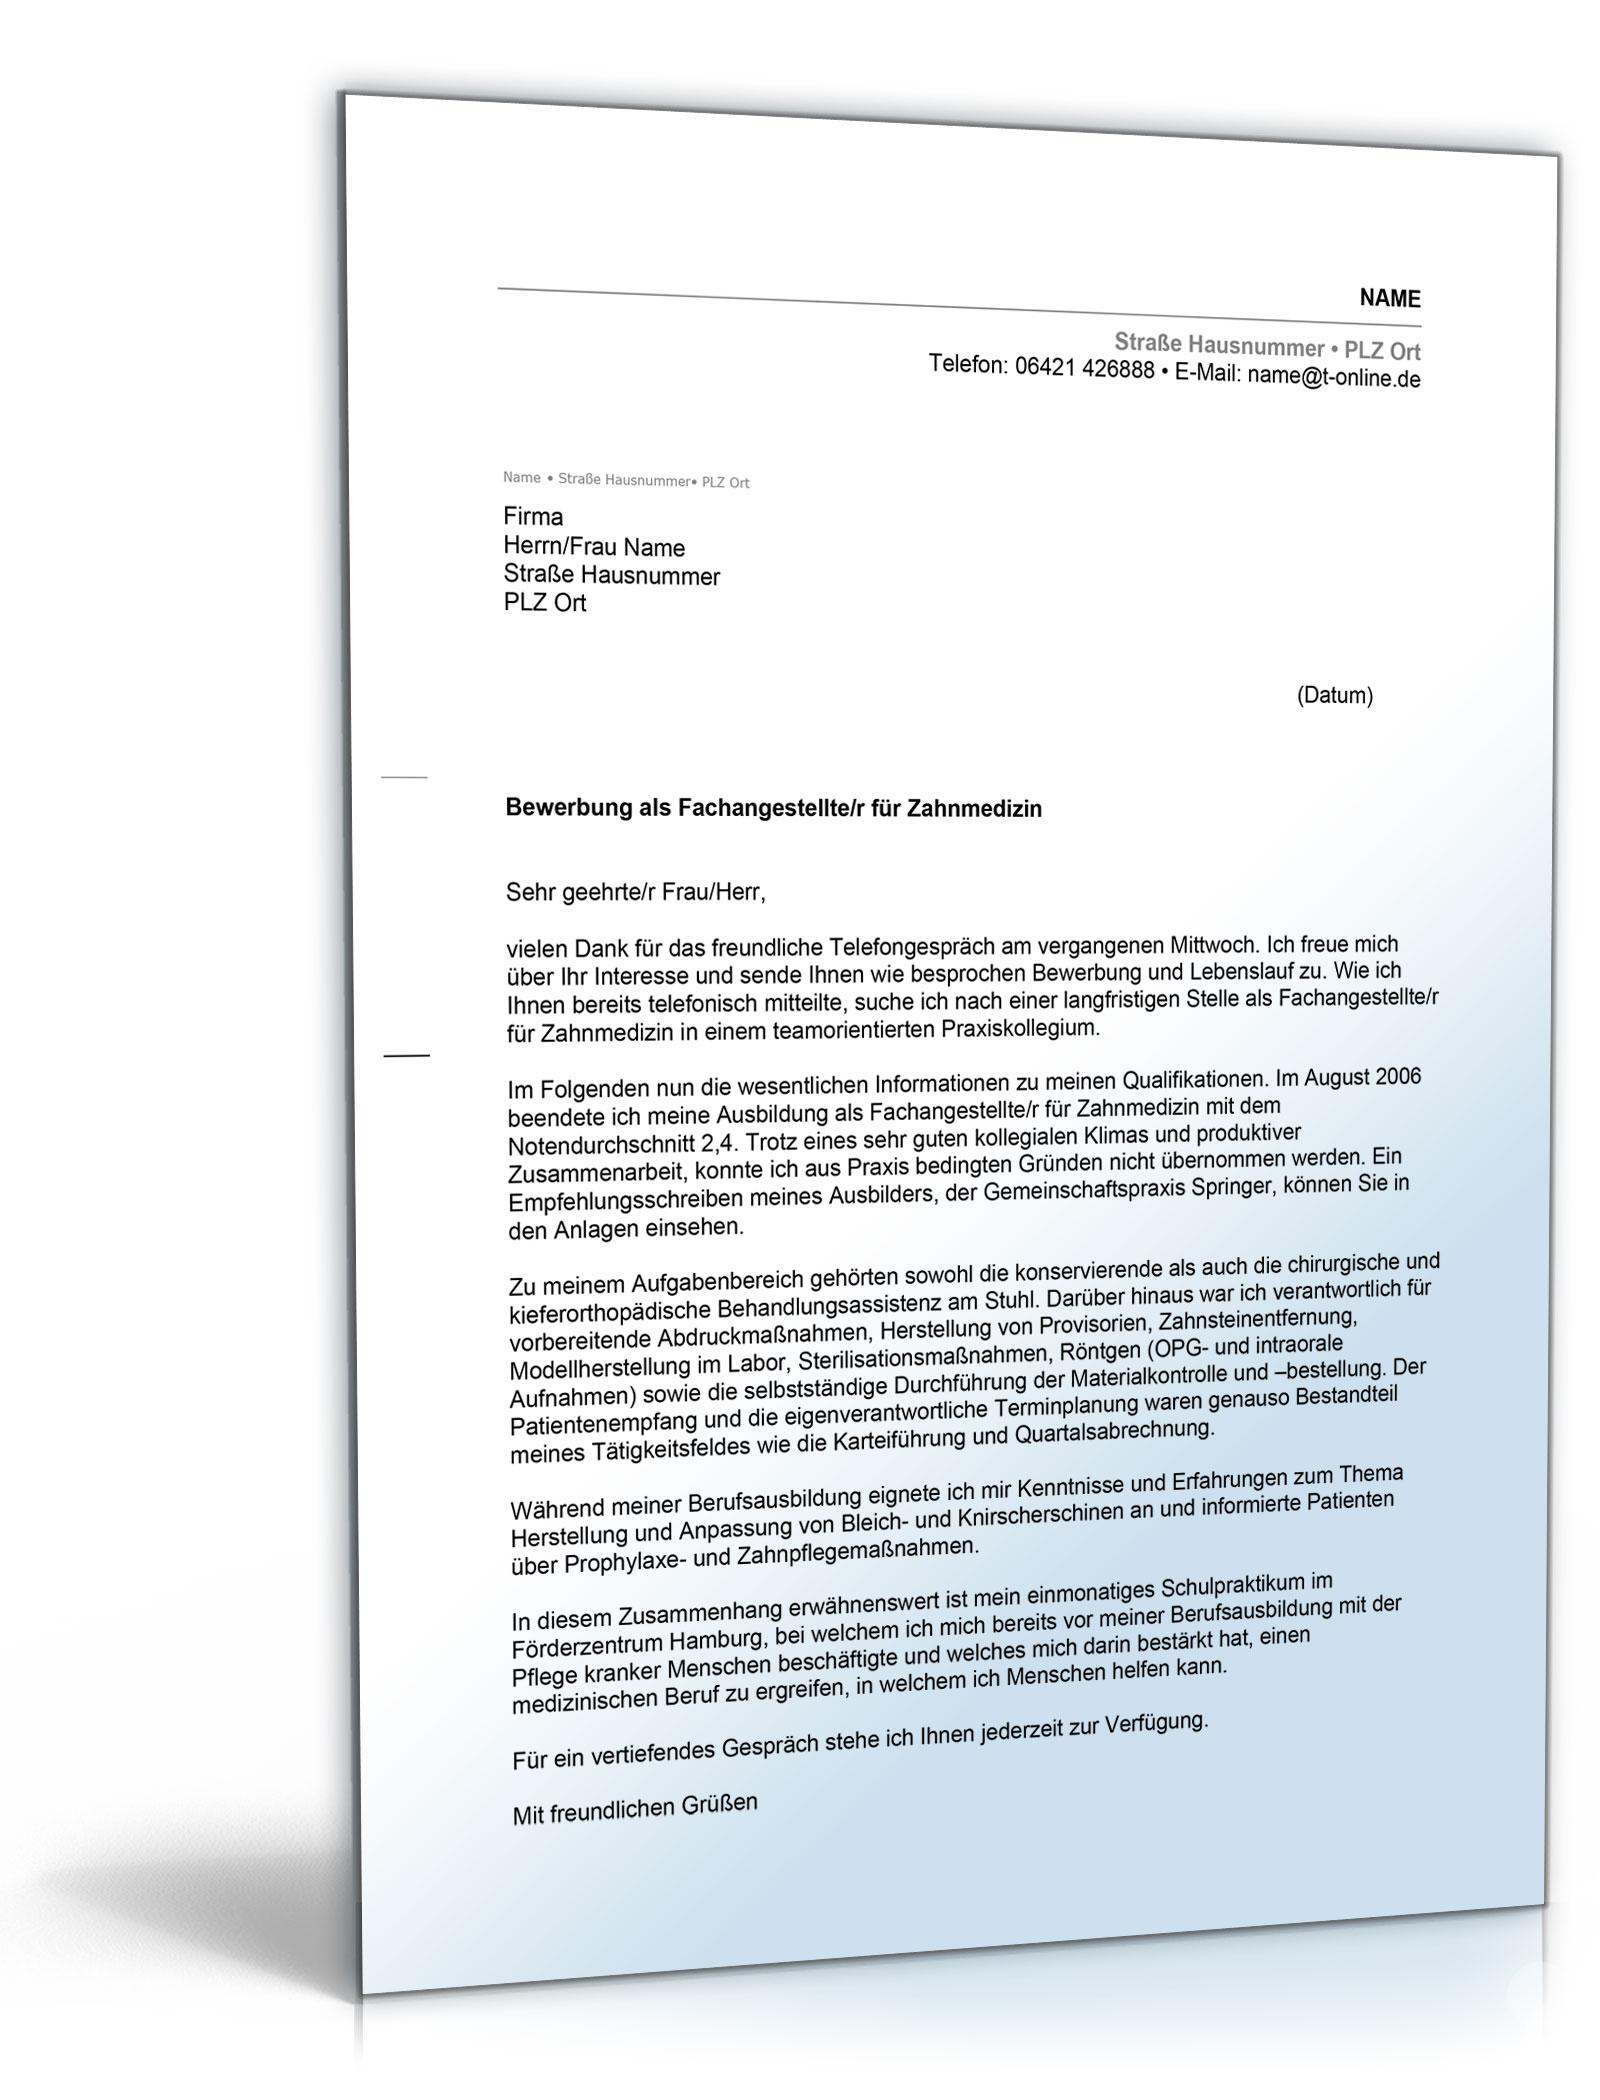 Anschreiben Bewerbung Arbeitsplatz (Berufseinsteiger mit